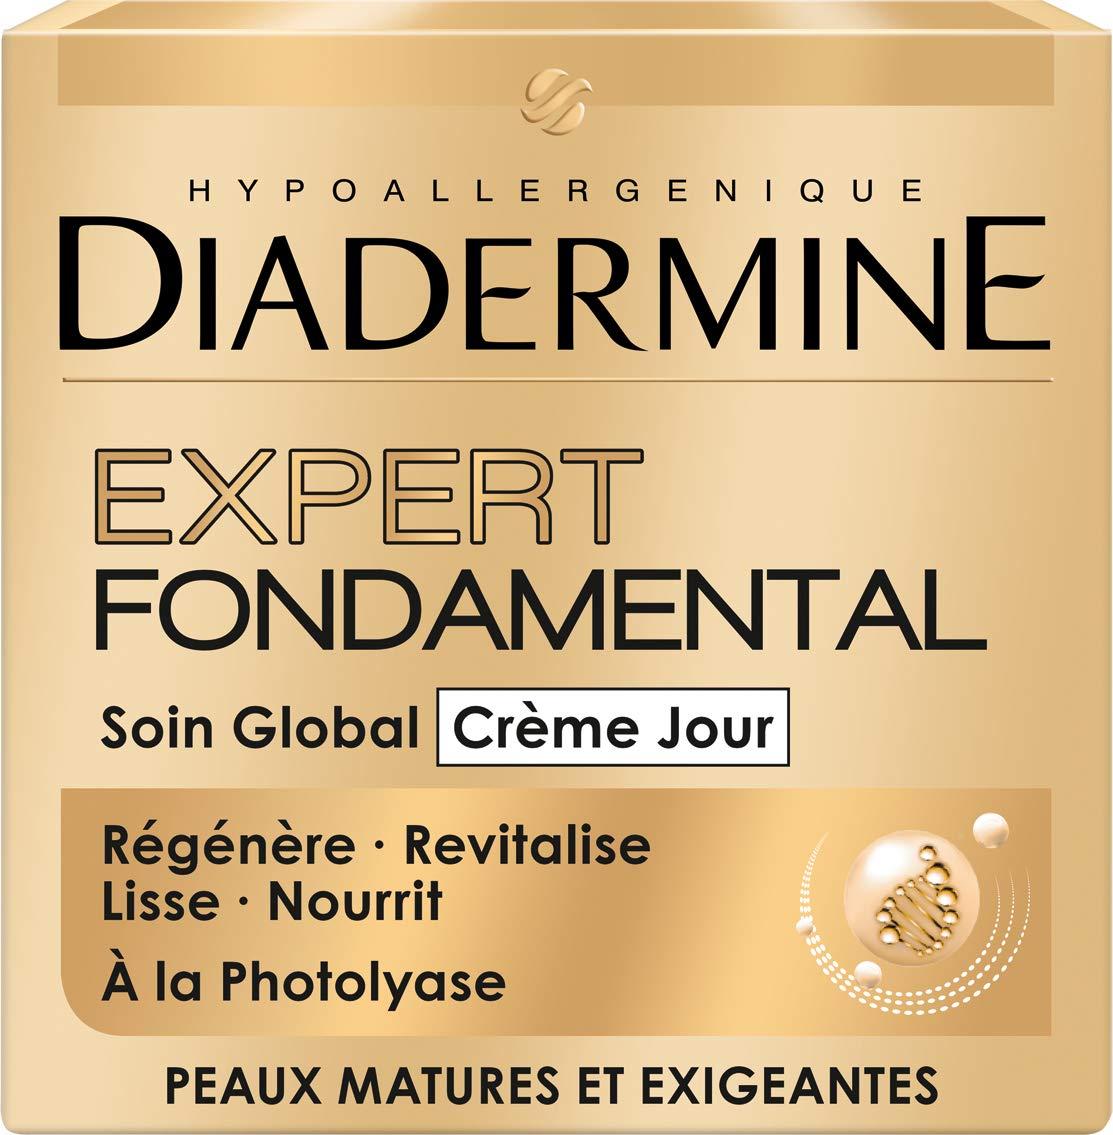 Diadermine Expert Fondamental Crème de Jour Anti-âge - Pot 50 ml product image